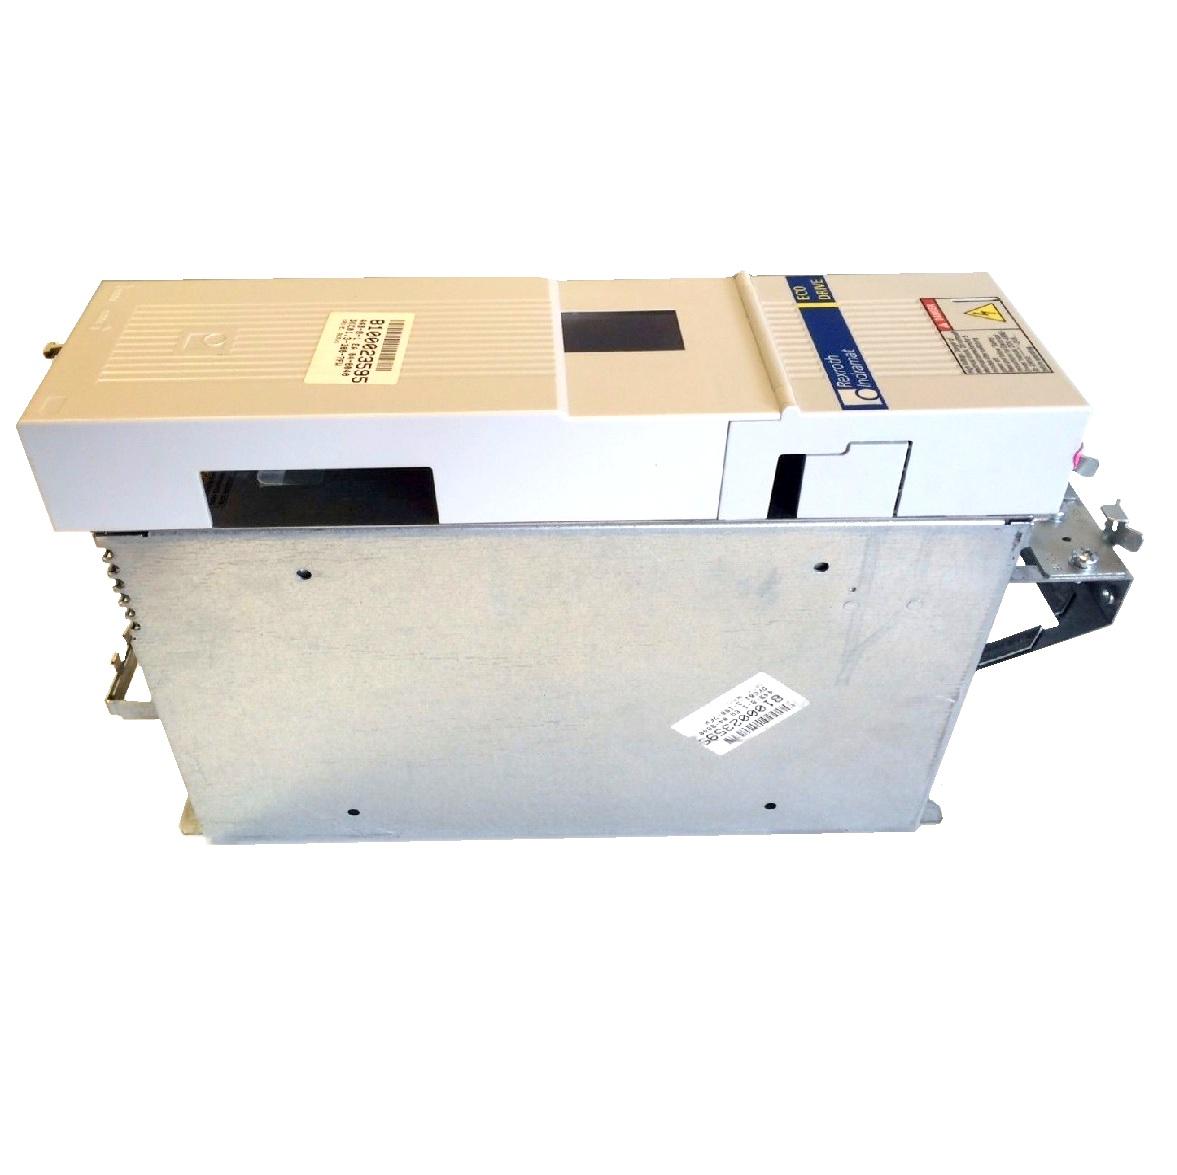 DKC04.3-100-7-FW